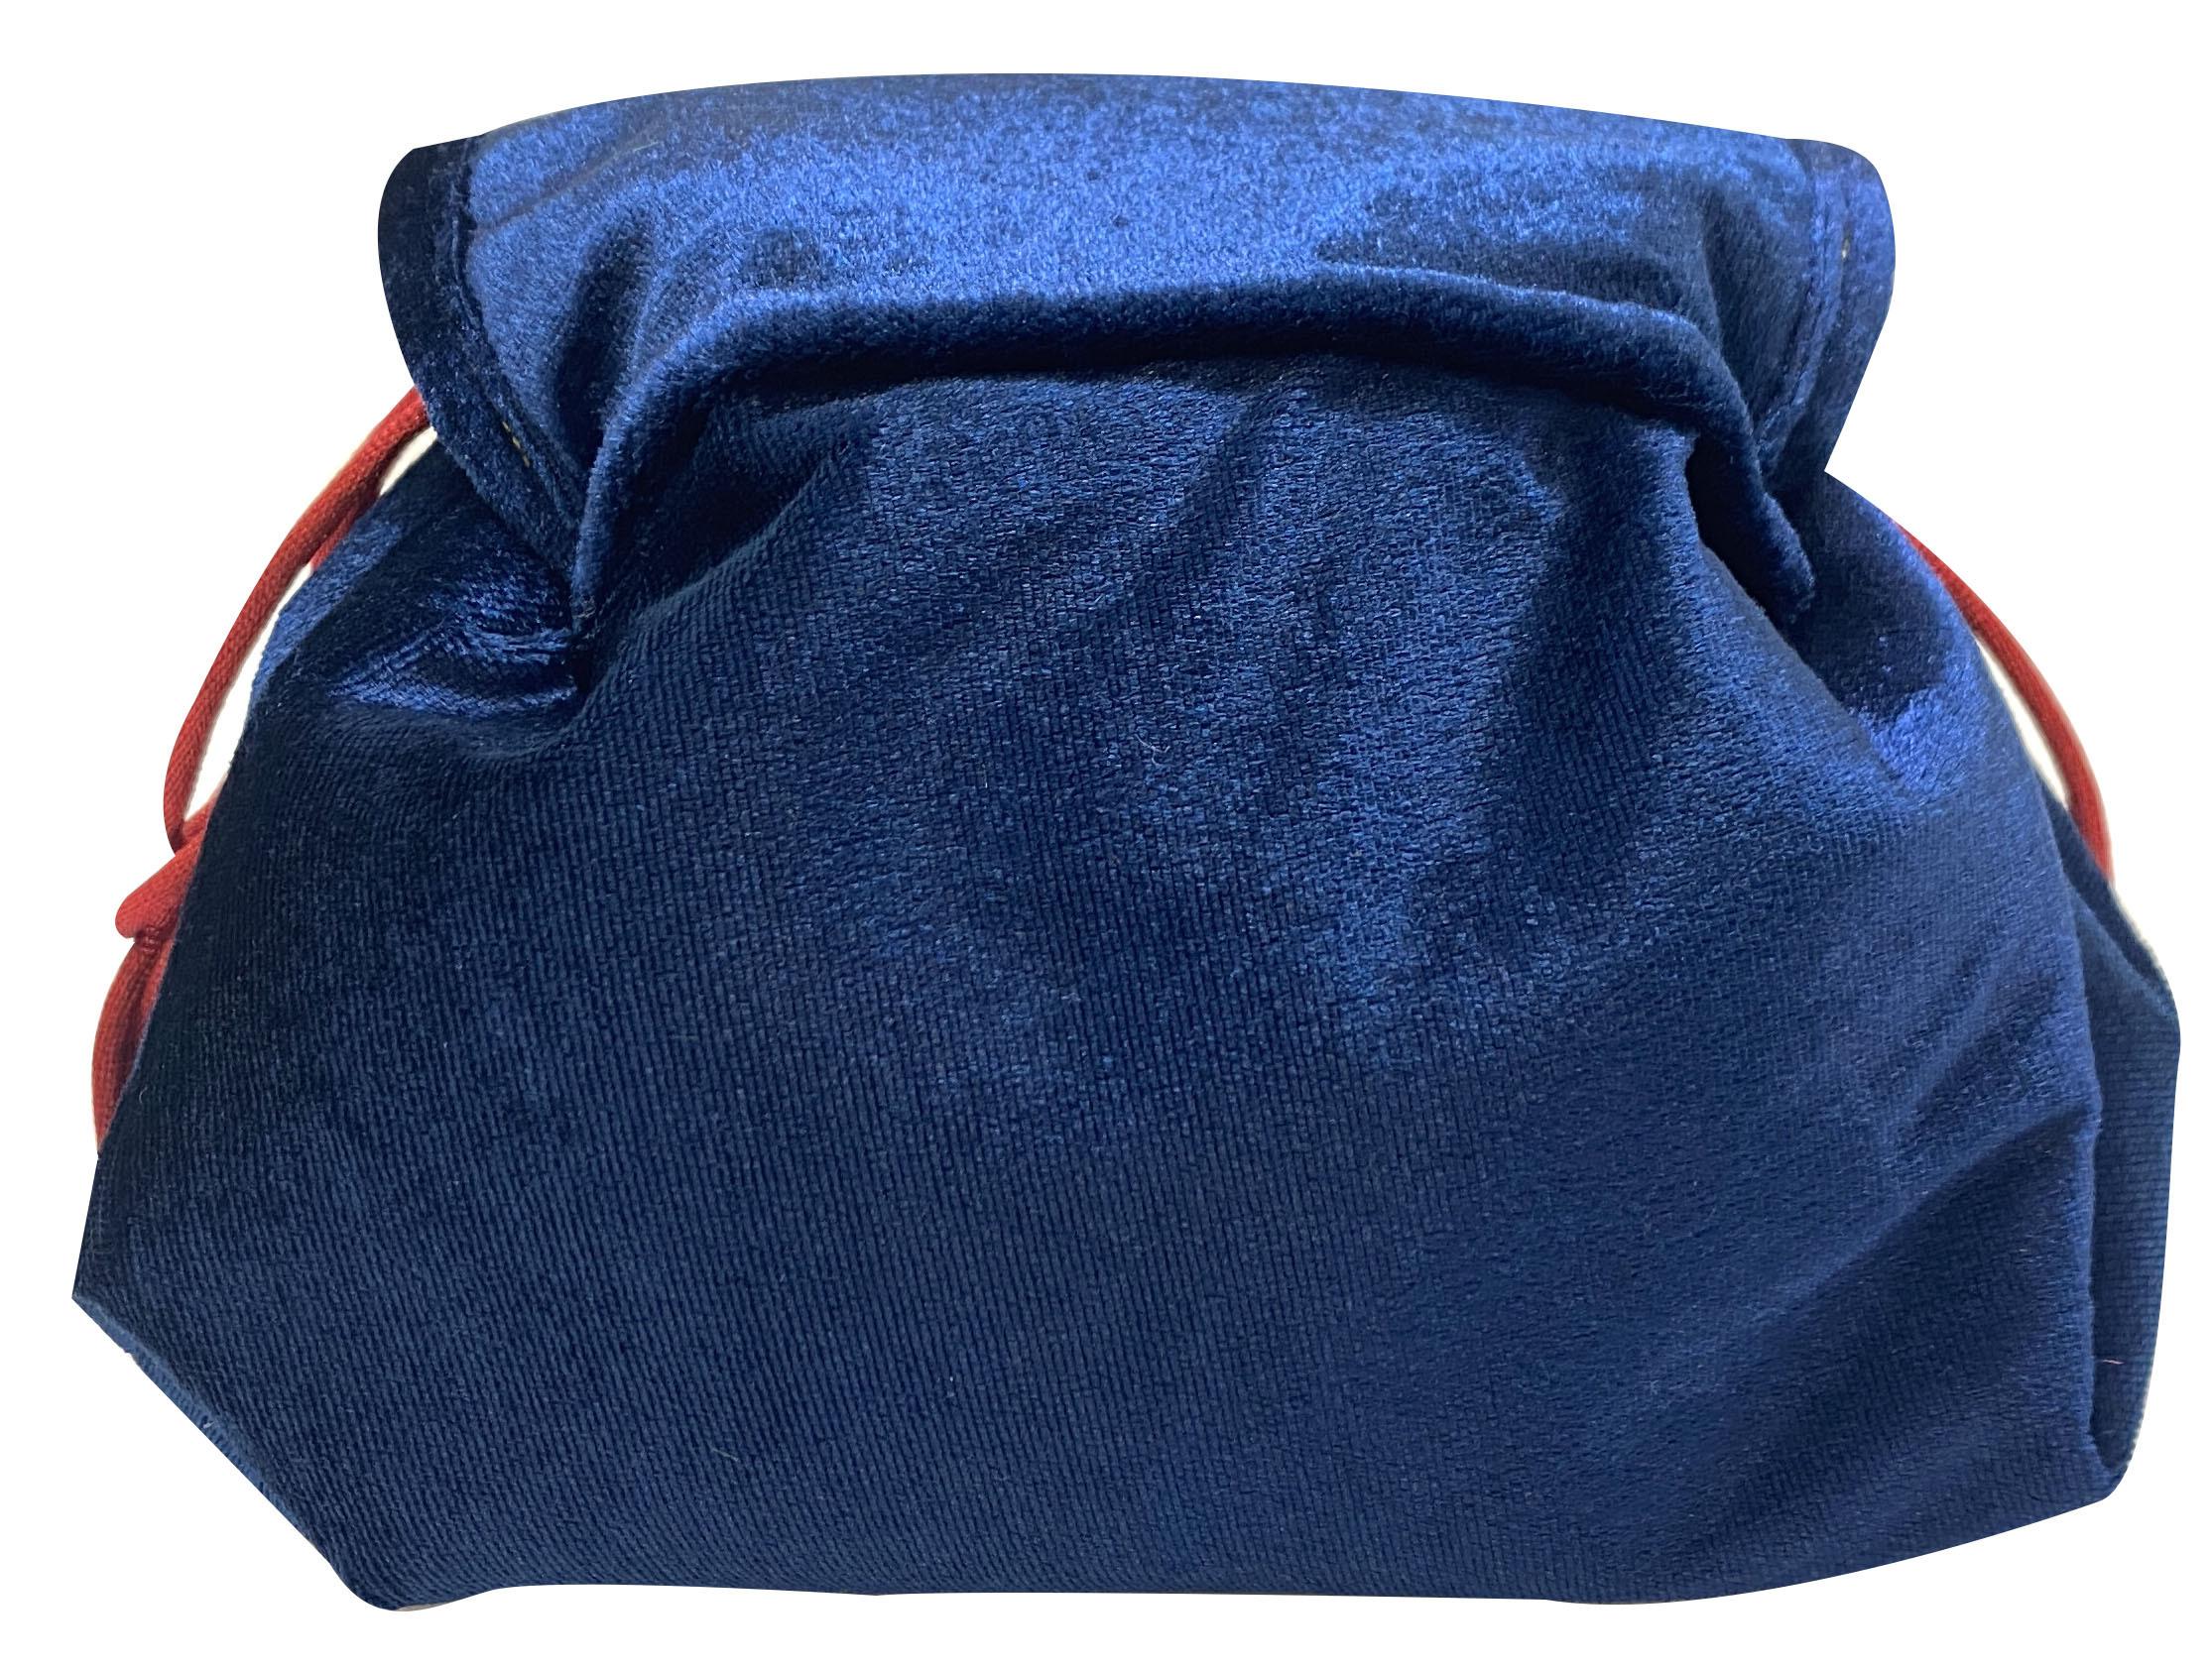 ドラえもん HIMITSU DOUGU ベロア雑貨シリーズ まんまる巾着ポーチ  /  エンスカイ